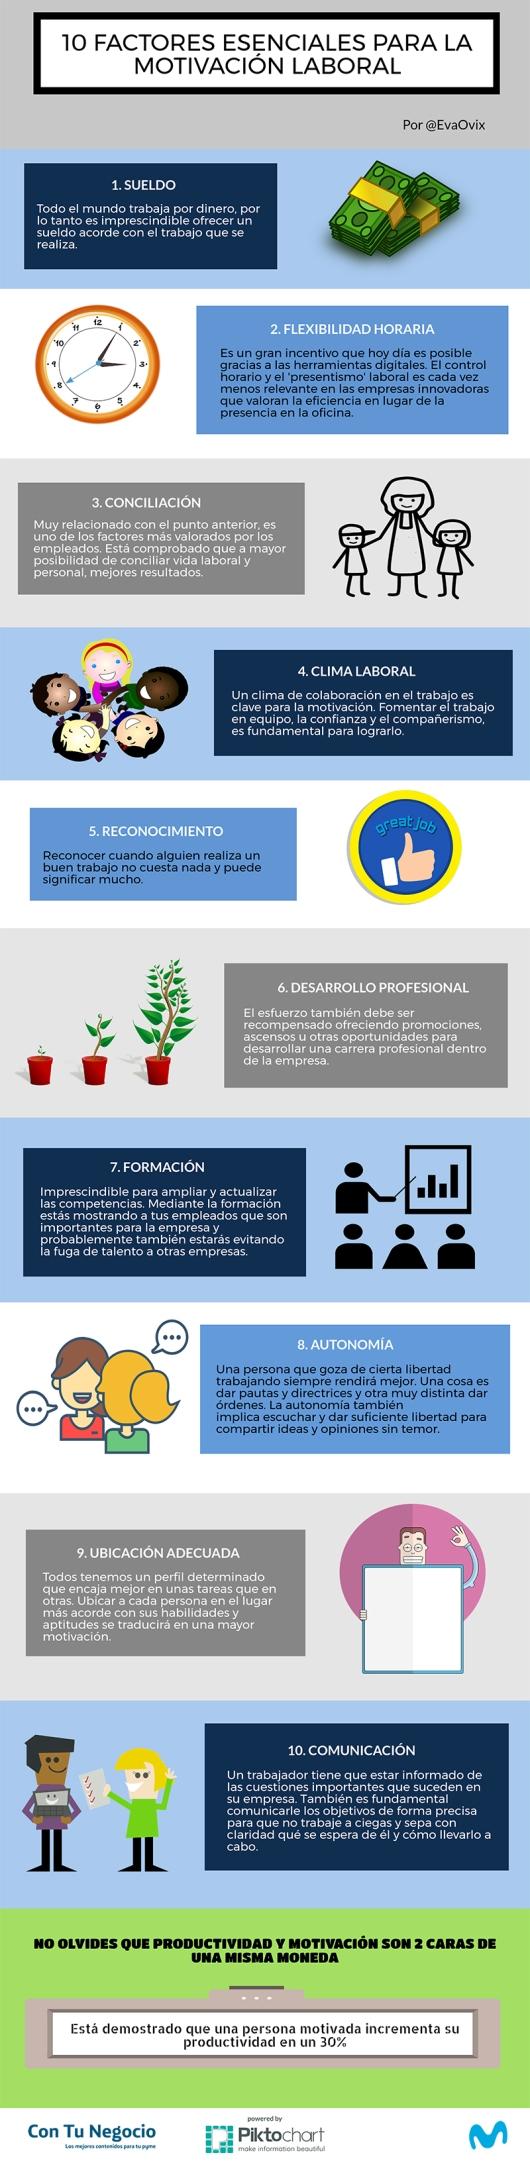 Infografía 10 Factores Esenciales Para La Motivación